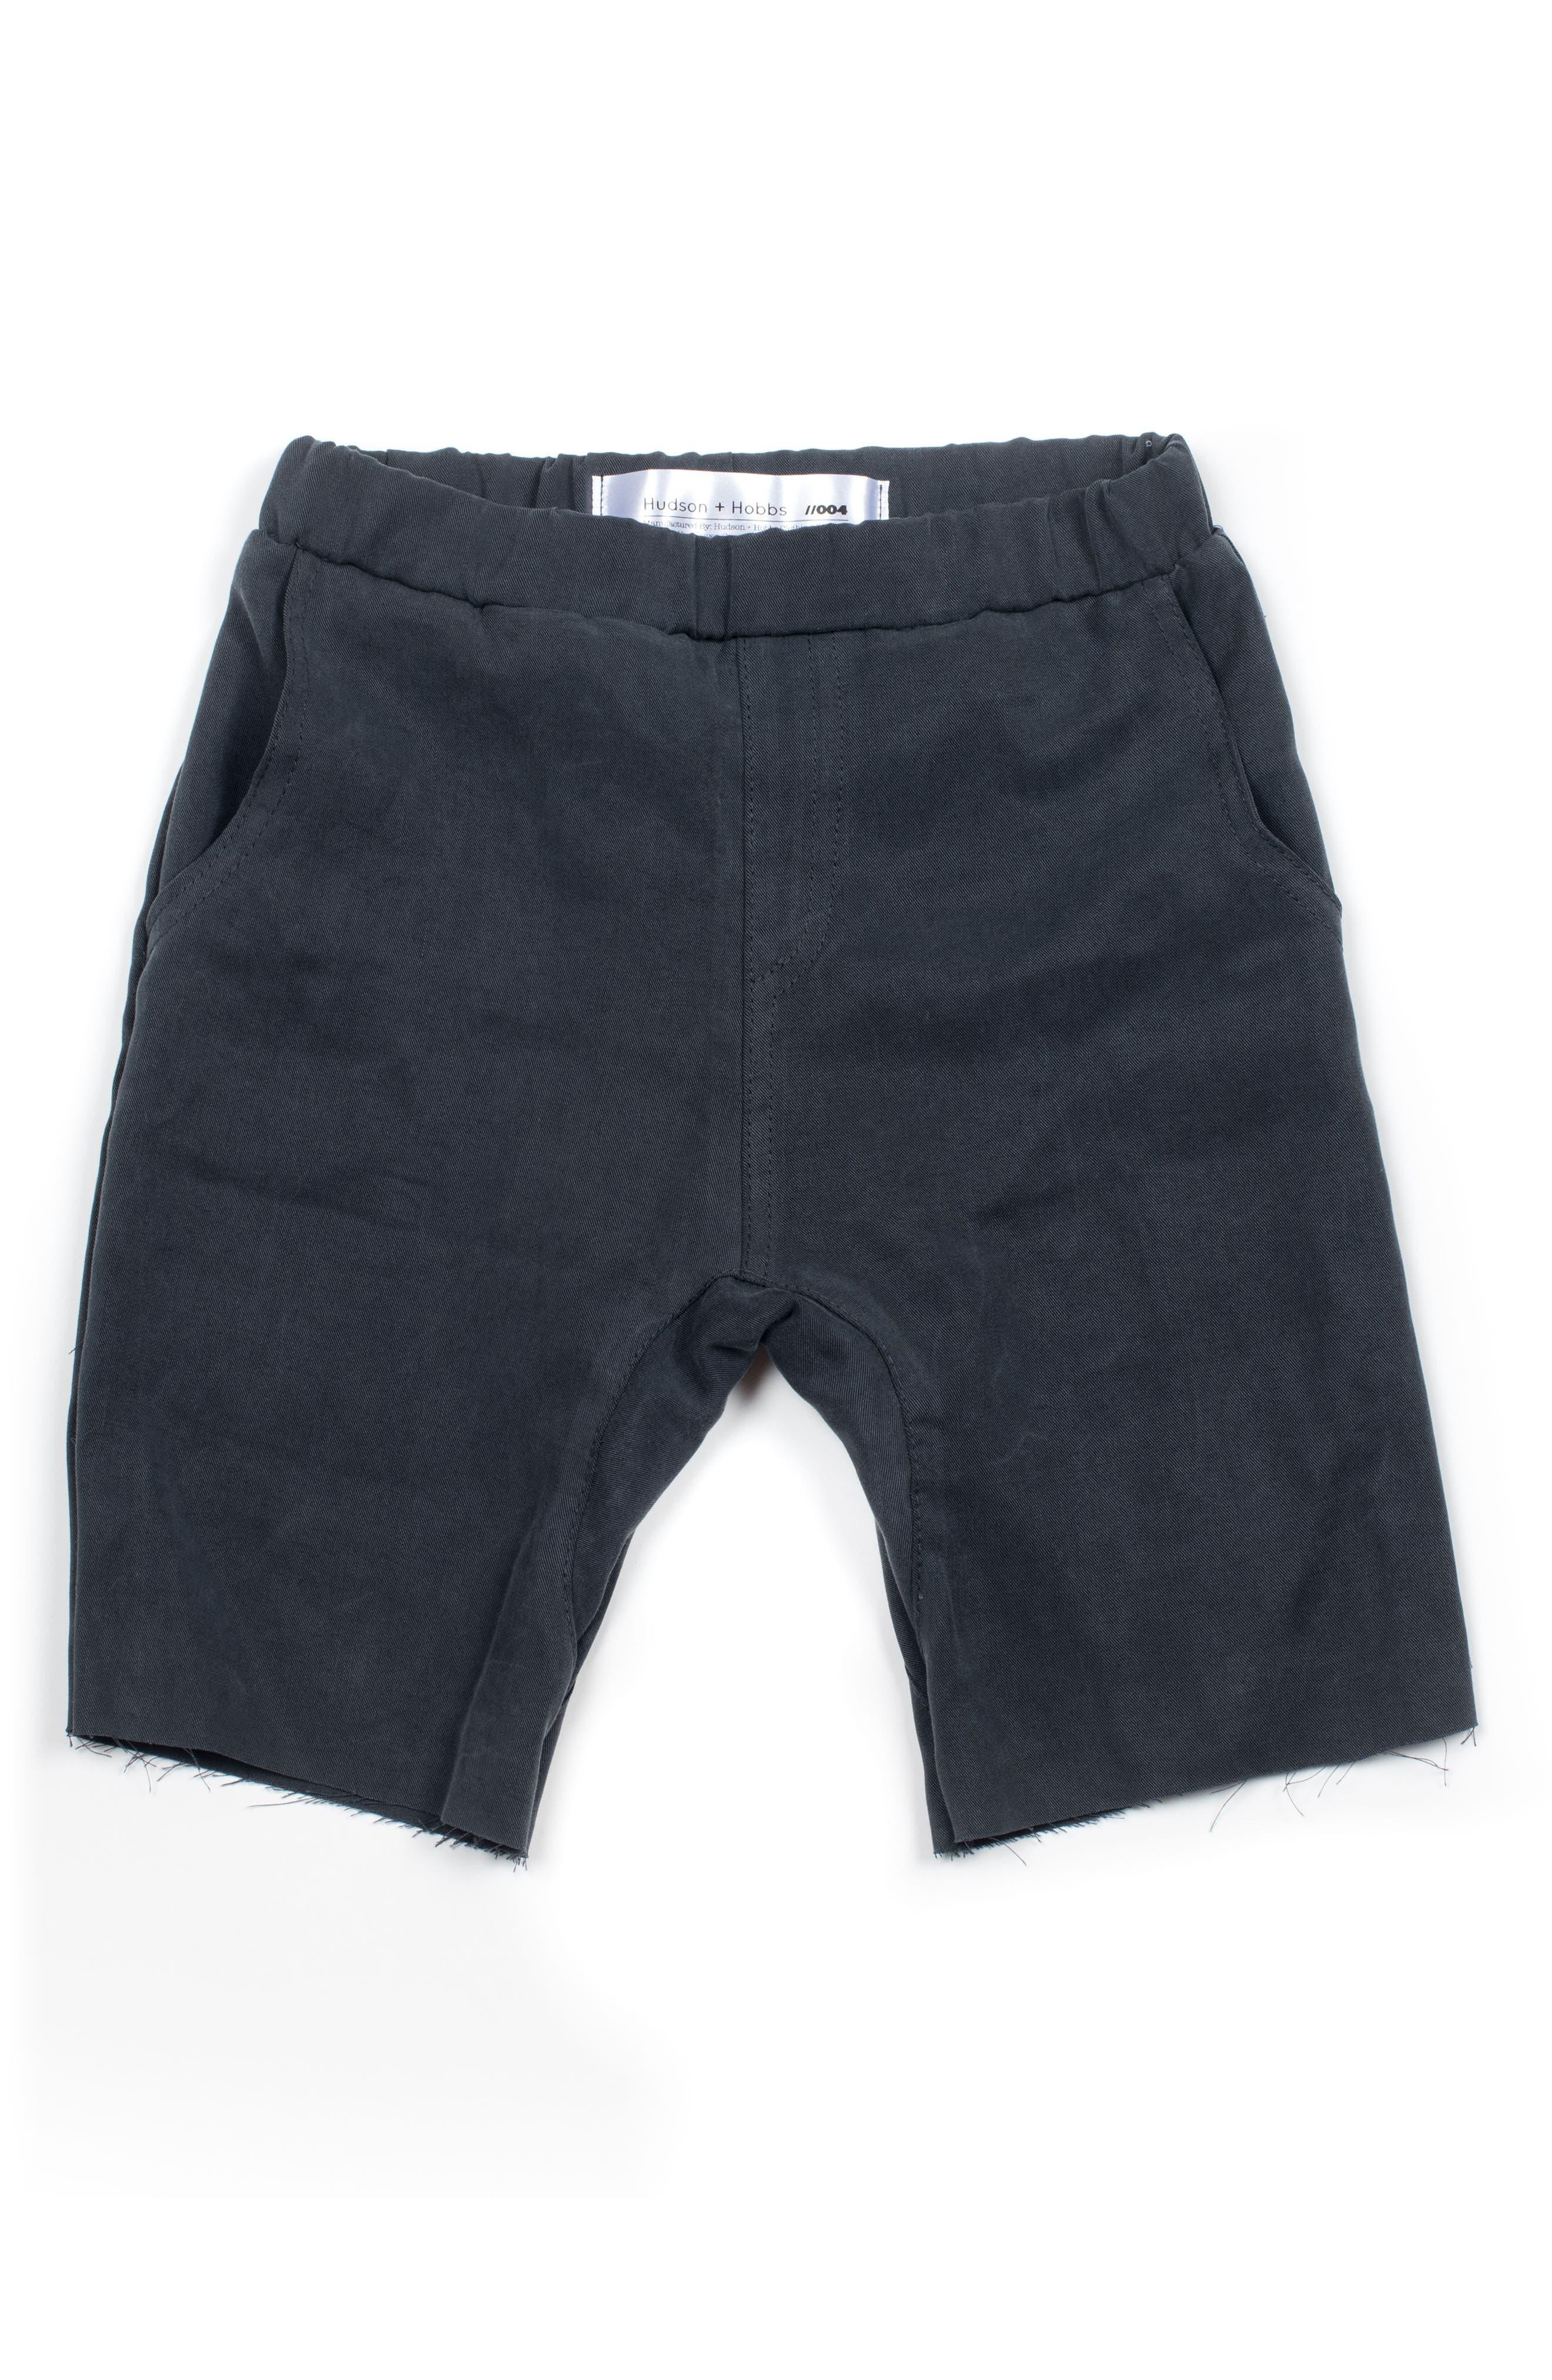 Main Image - Hudson + Hobbs Shorts (Toddler Boys & Little Boys)